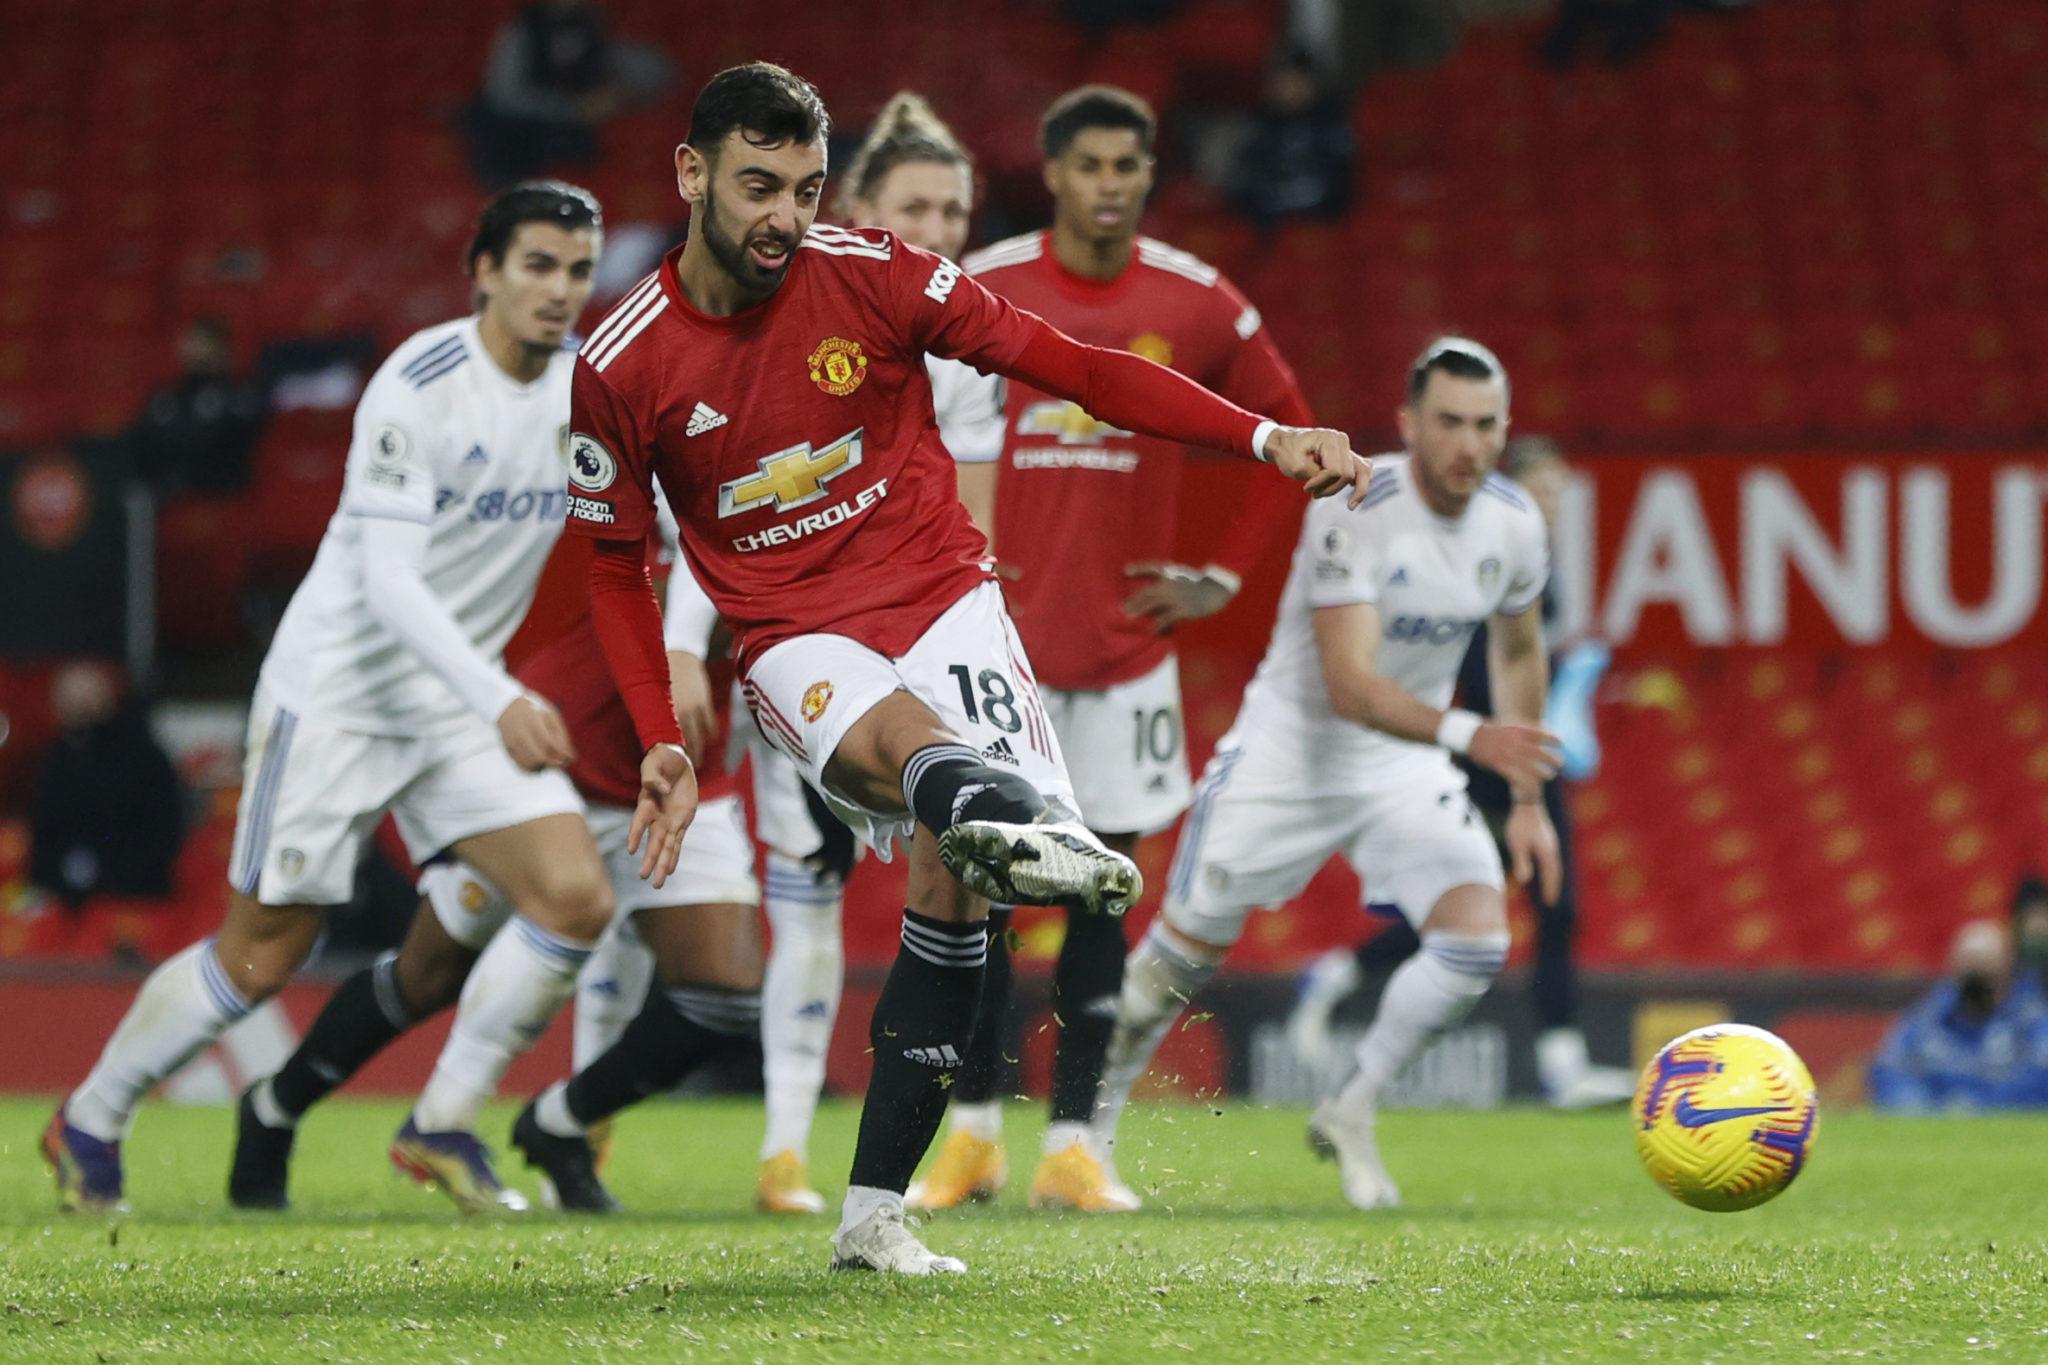 Bruno Fernandes scores for Manchester United